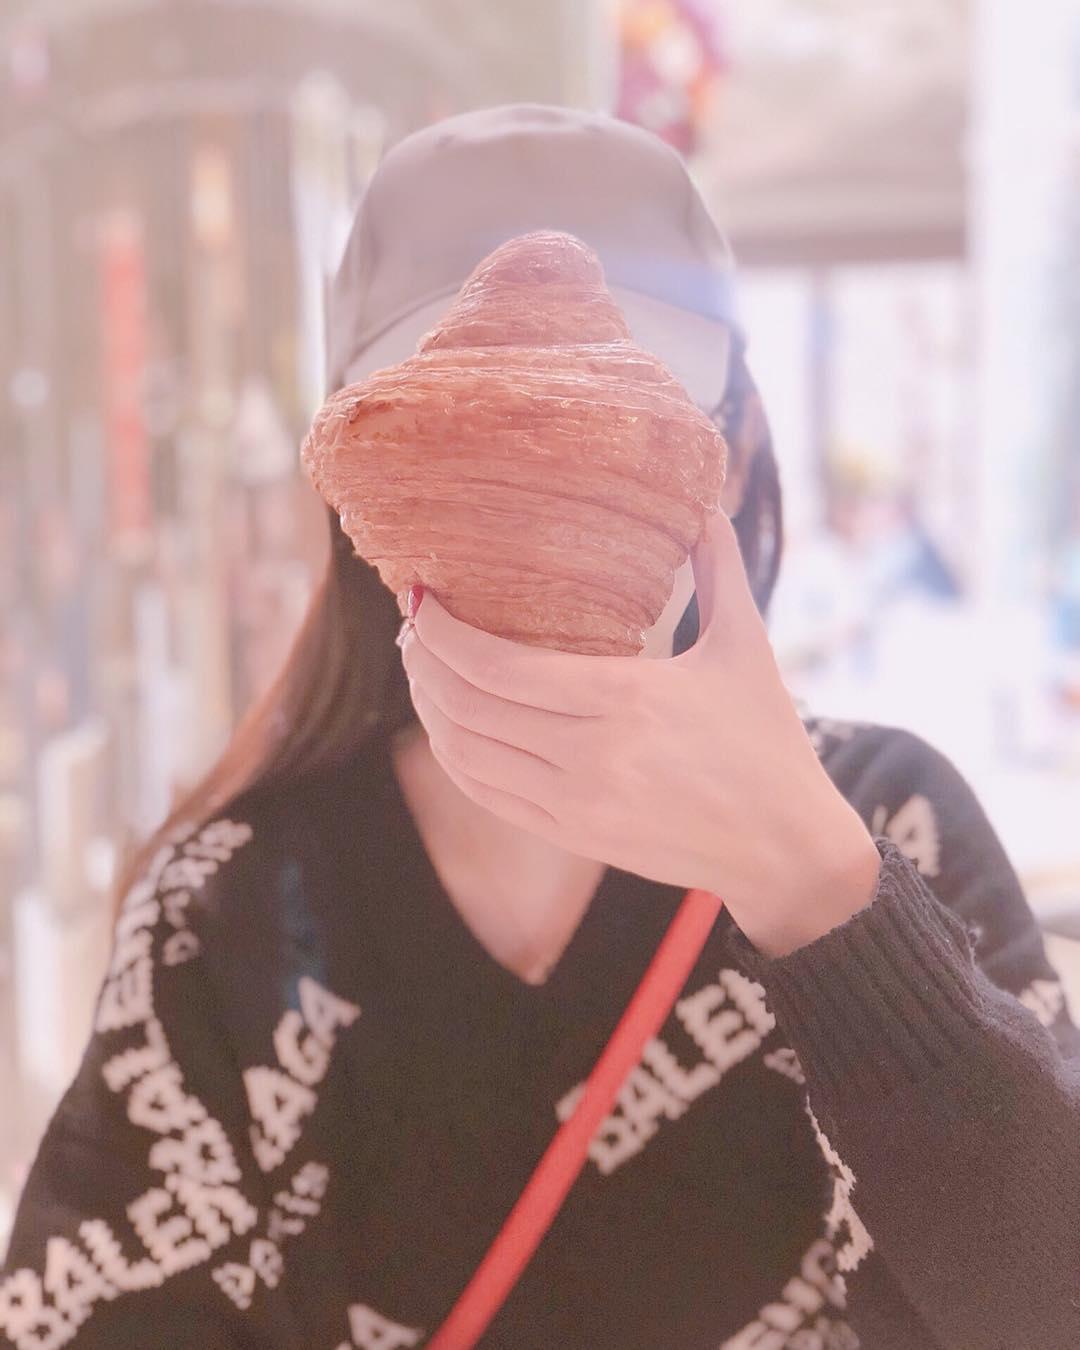 [新闻]180412 美食博主唐嫣更新INS 花式秀美食秀小脸?